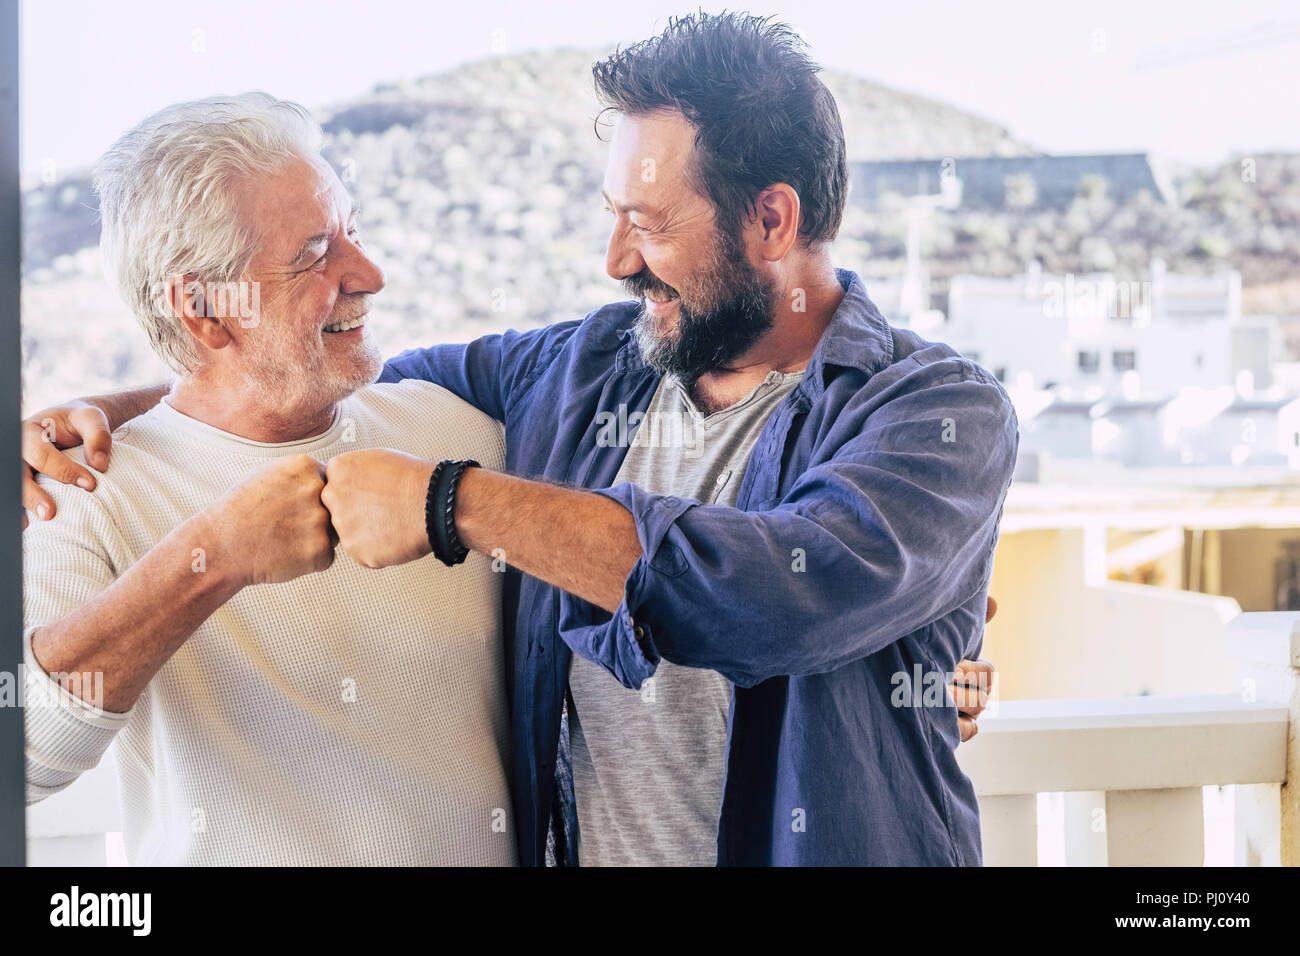 Zwei glückliche männlichen Freunde, Vater und Sohn, die zusammen eine gute Zeit mit freundlich Durchschlag einander. die Stadt und die Berge im Hintergrund. Kaukasier, Stockfoto